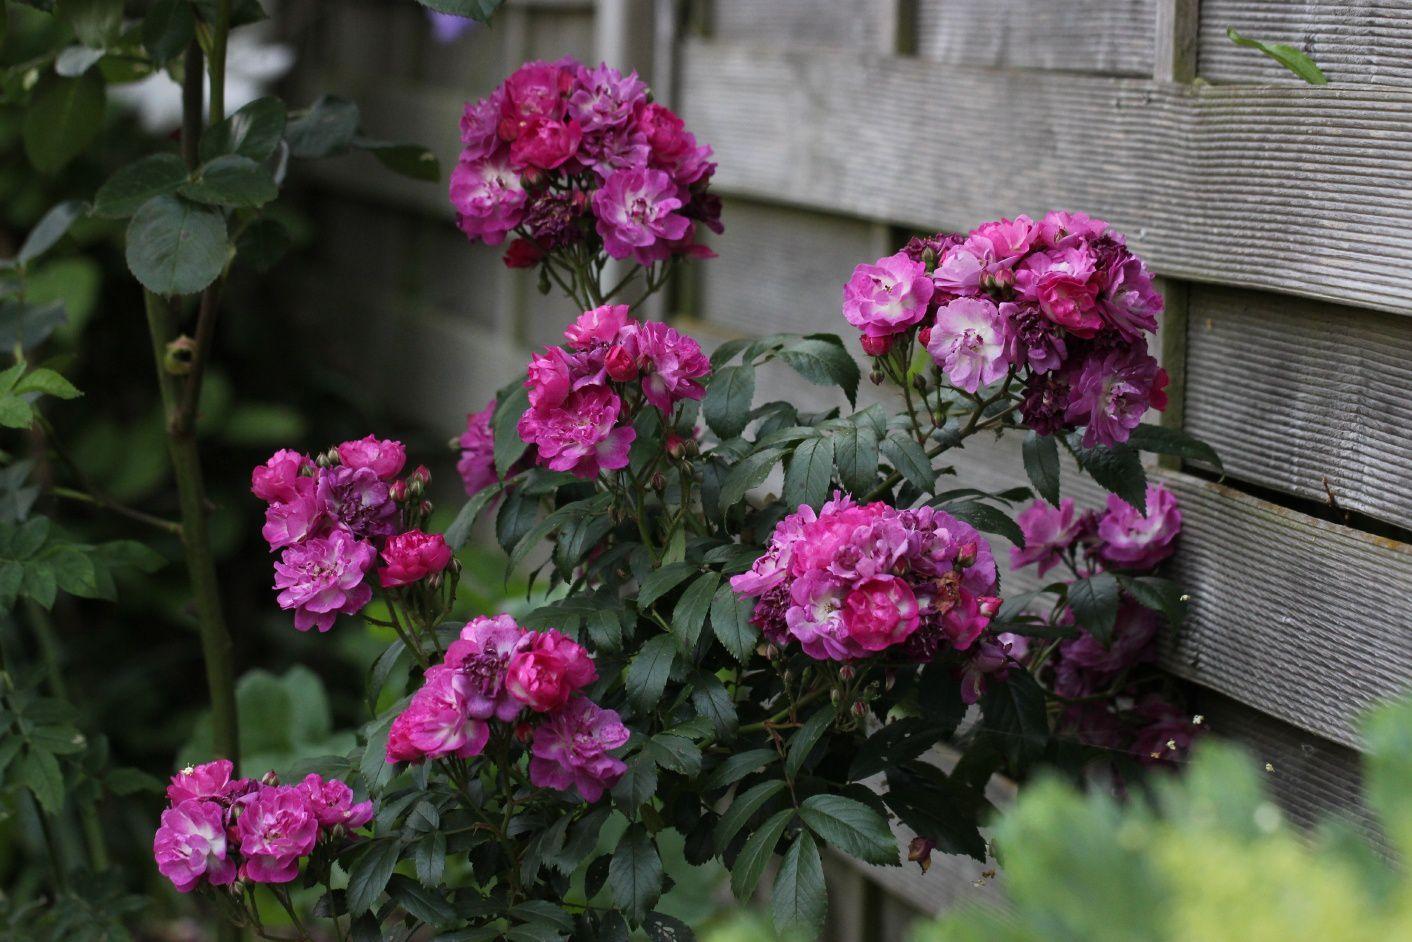 """Les bouquets sont moins larges que """"Purple Skyliner"""". Néanmoins, on peut observer les mêmes variations de couleurs en fonction de l'avancée de floraison de chaque rose."""